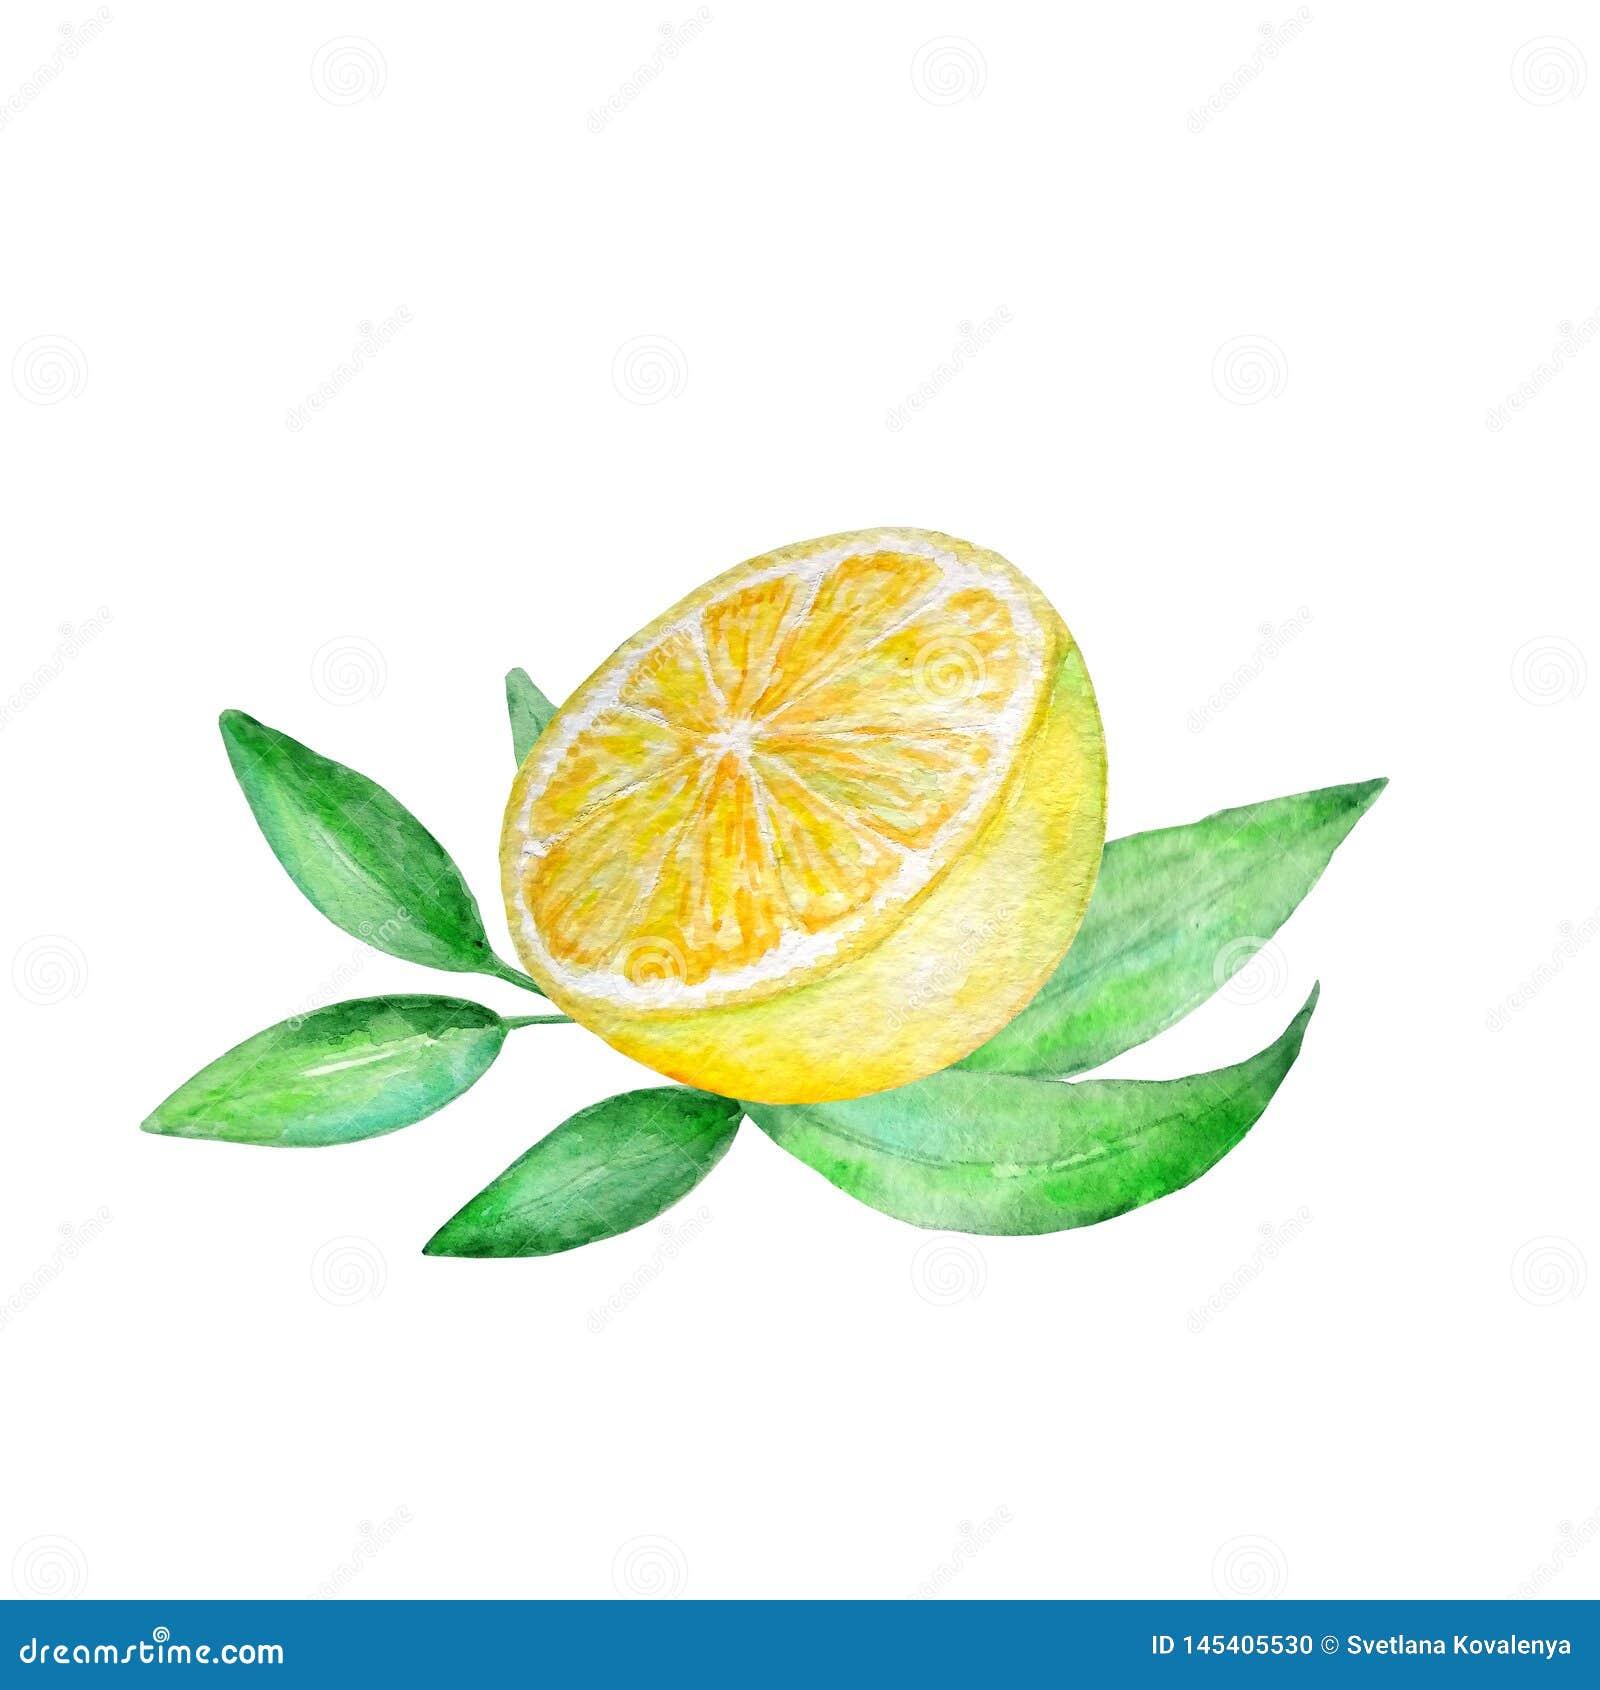 Zu schlanke grüne oder gelbe Zitrone